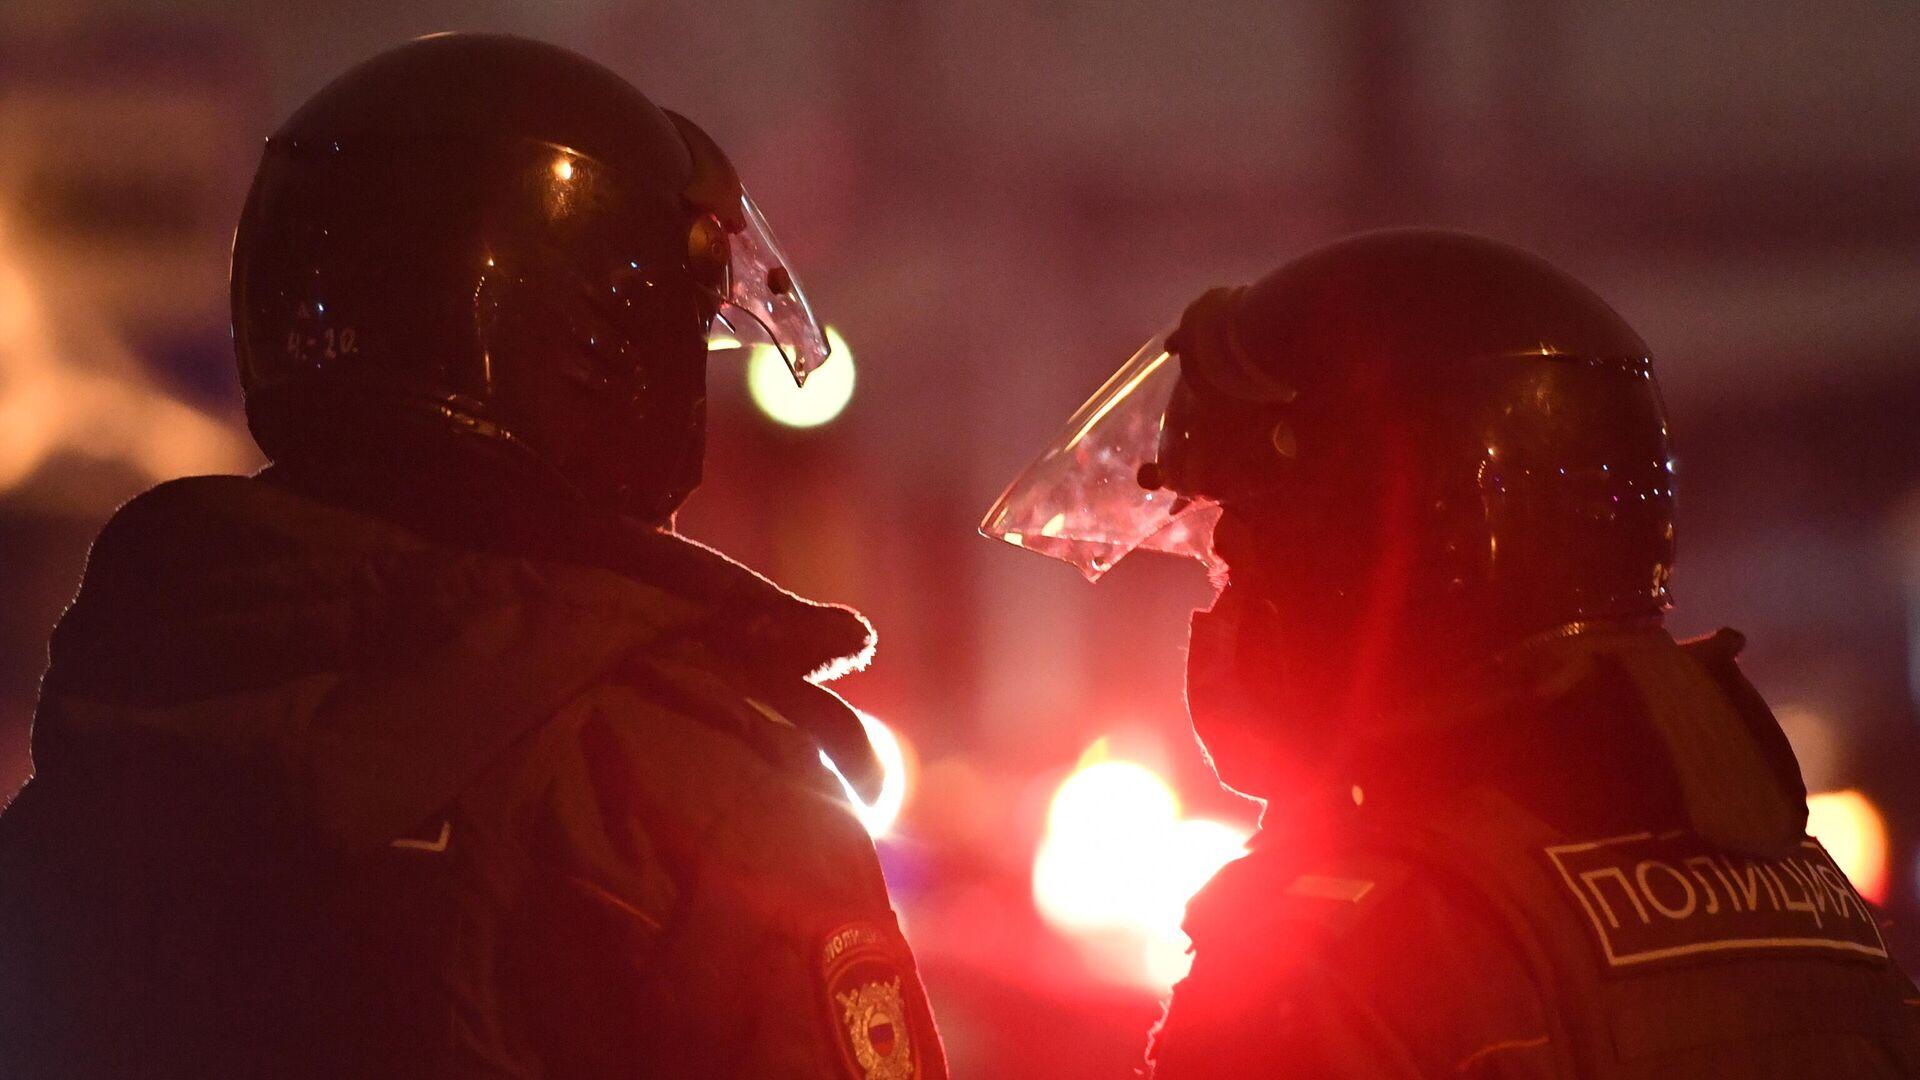 В Красноярске задержали бросившего снегом в полицию на незаконной акции